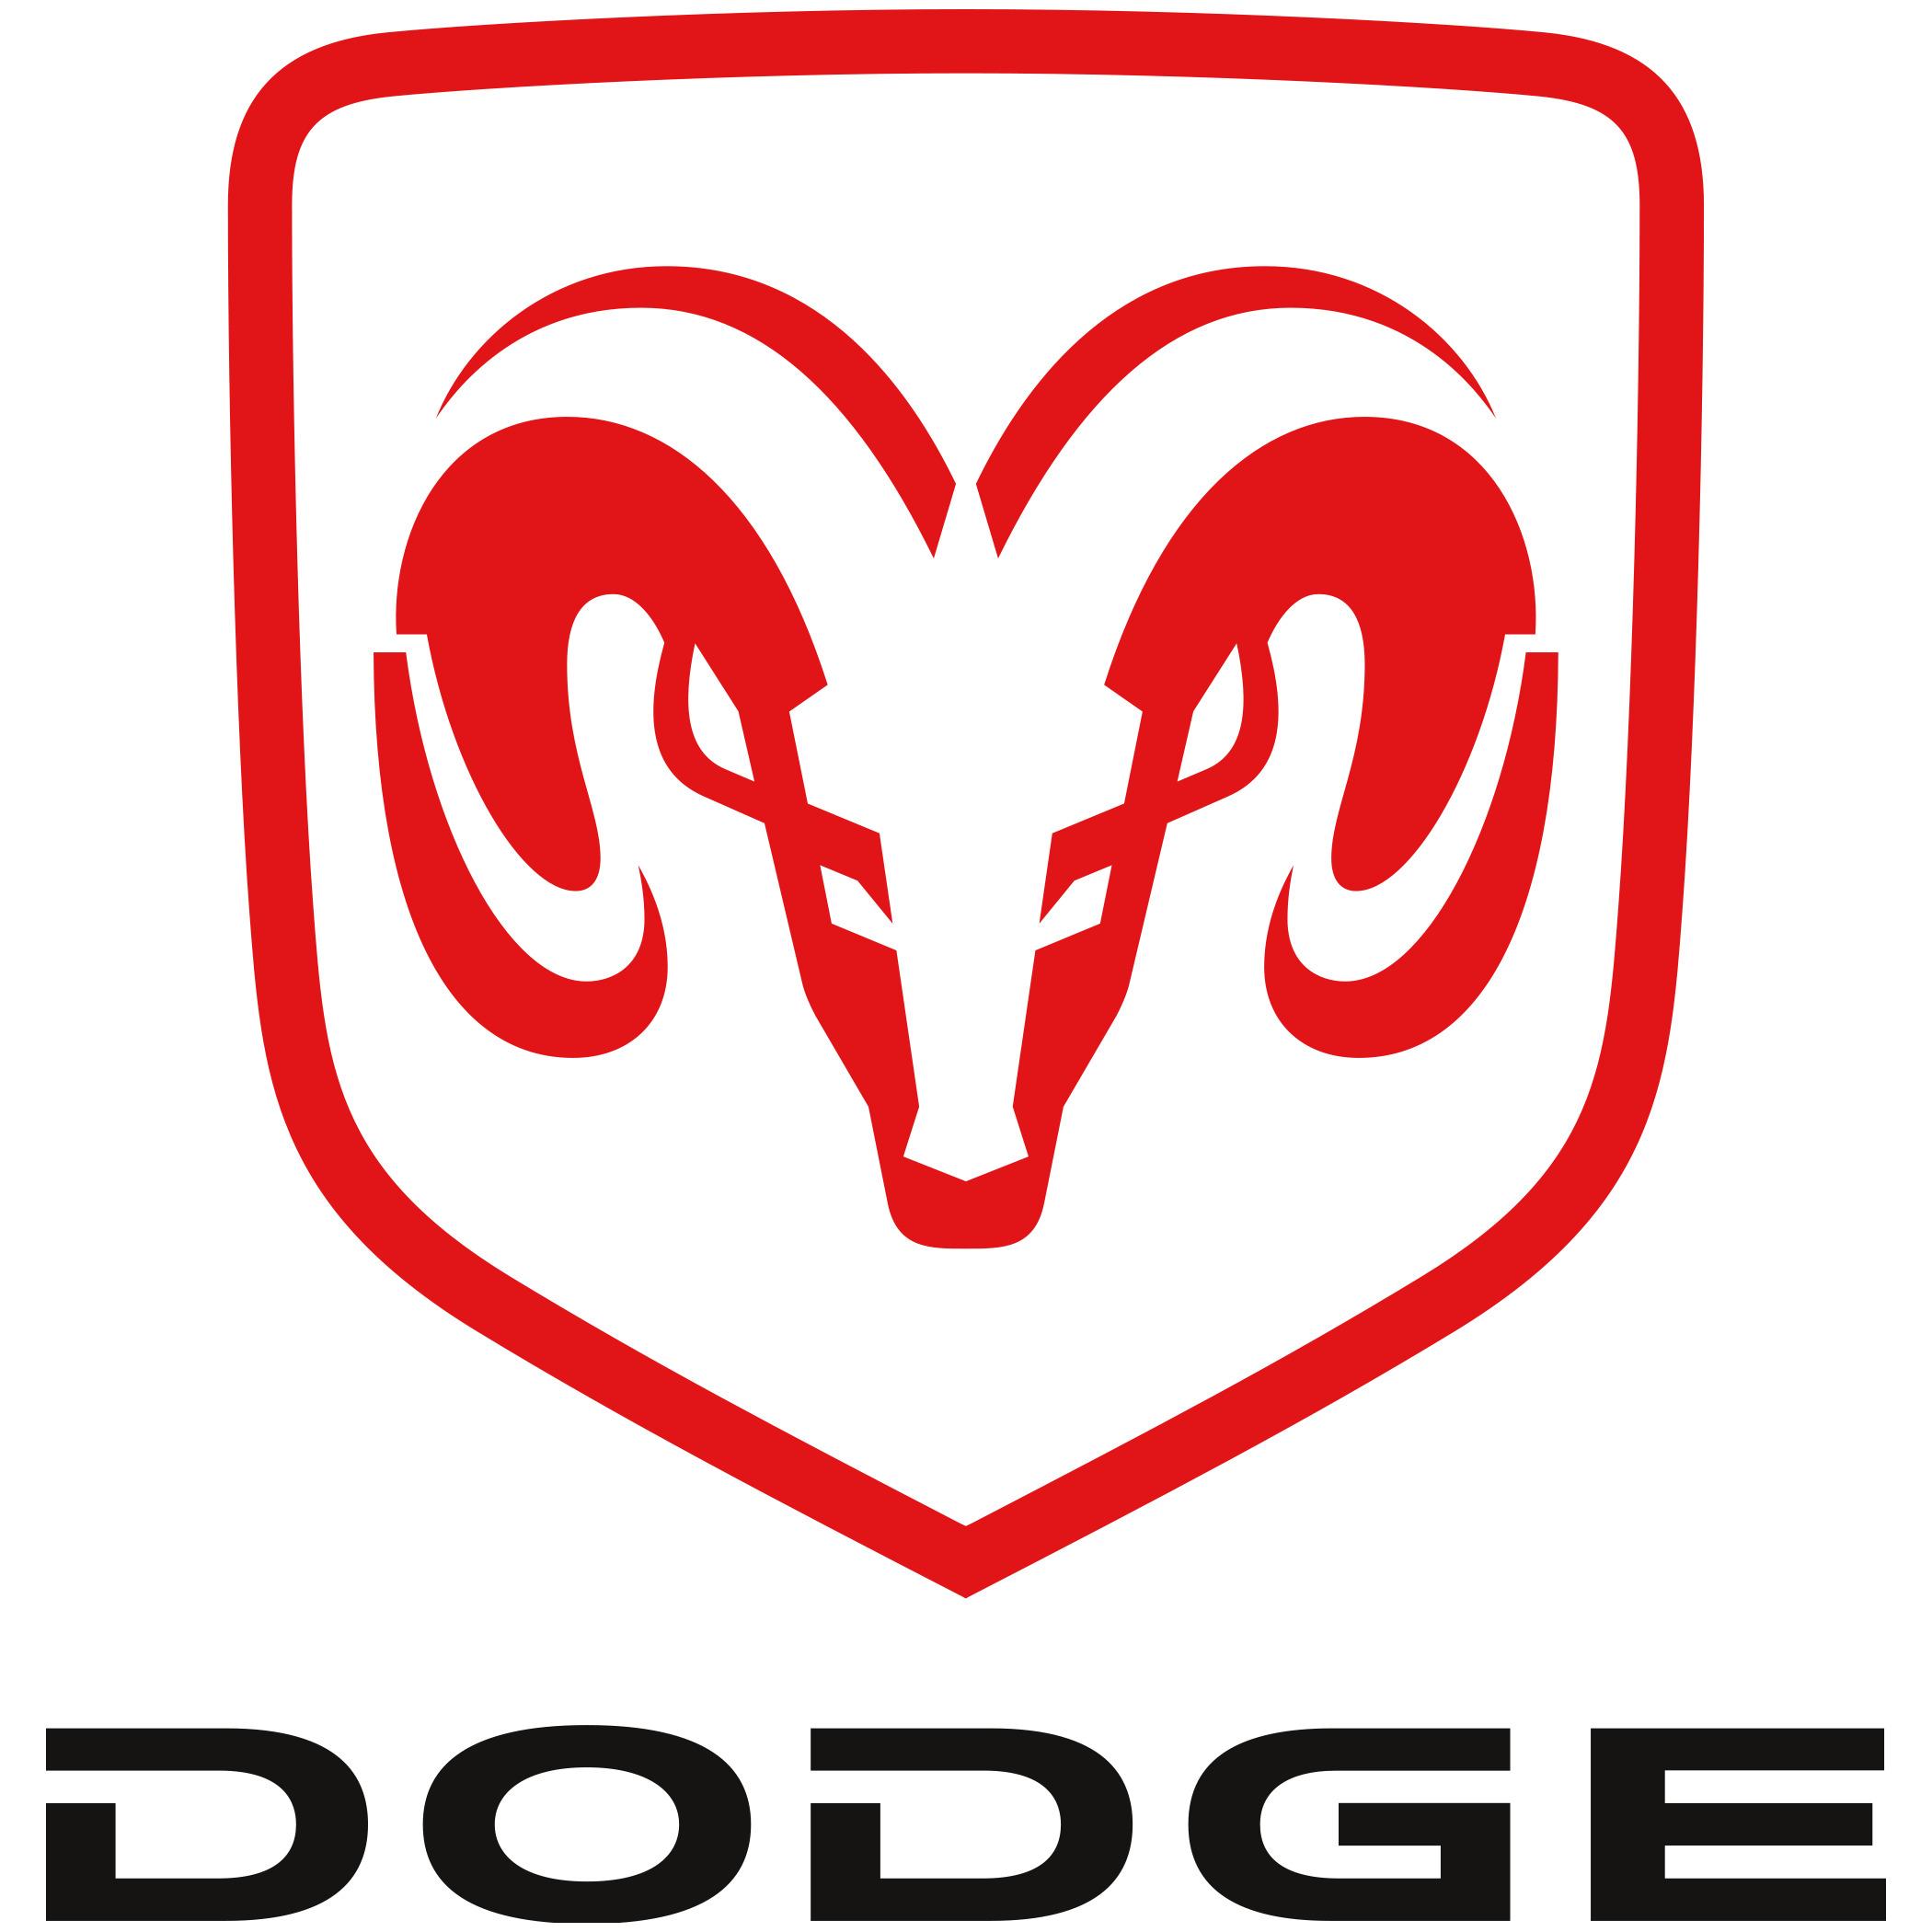 Imagen logo de Dodge